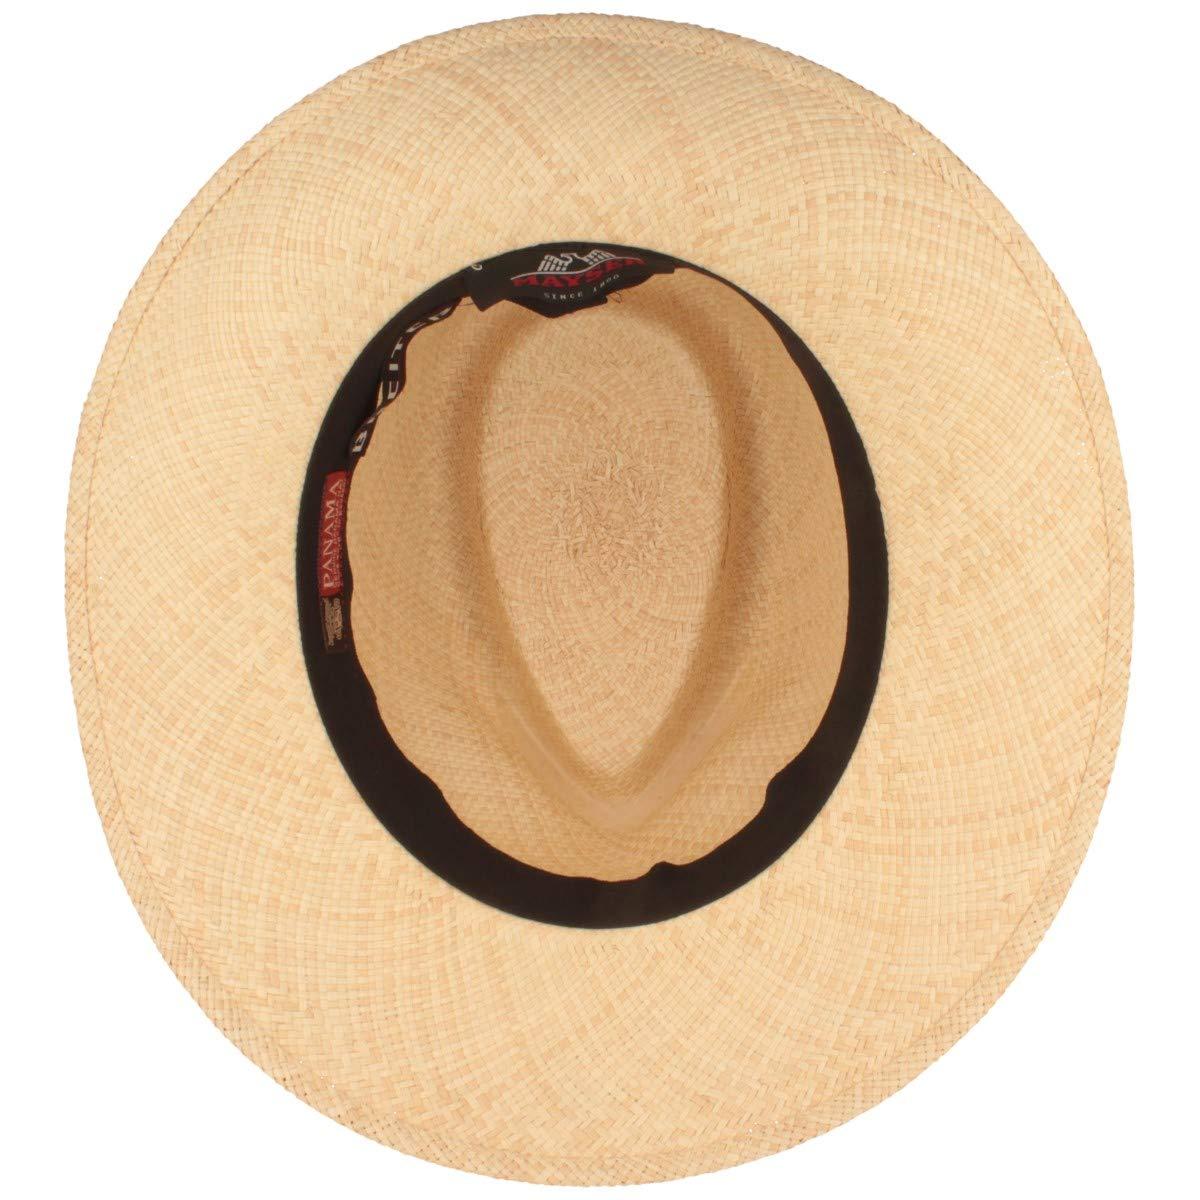 ORIGINAL Sombrero Panama | Sombrero de paja tejido a mano en ...